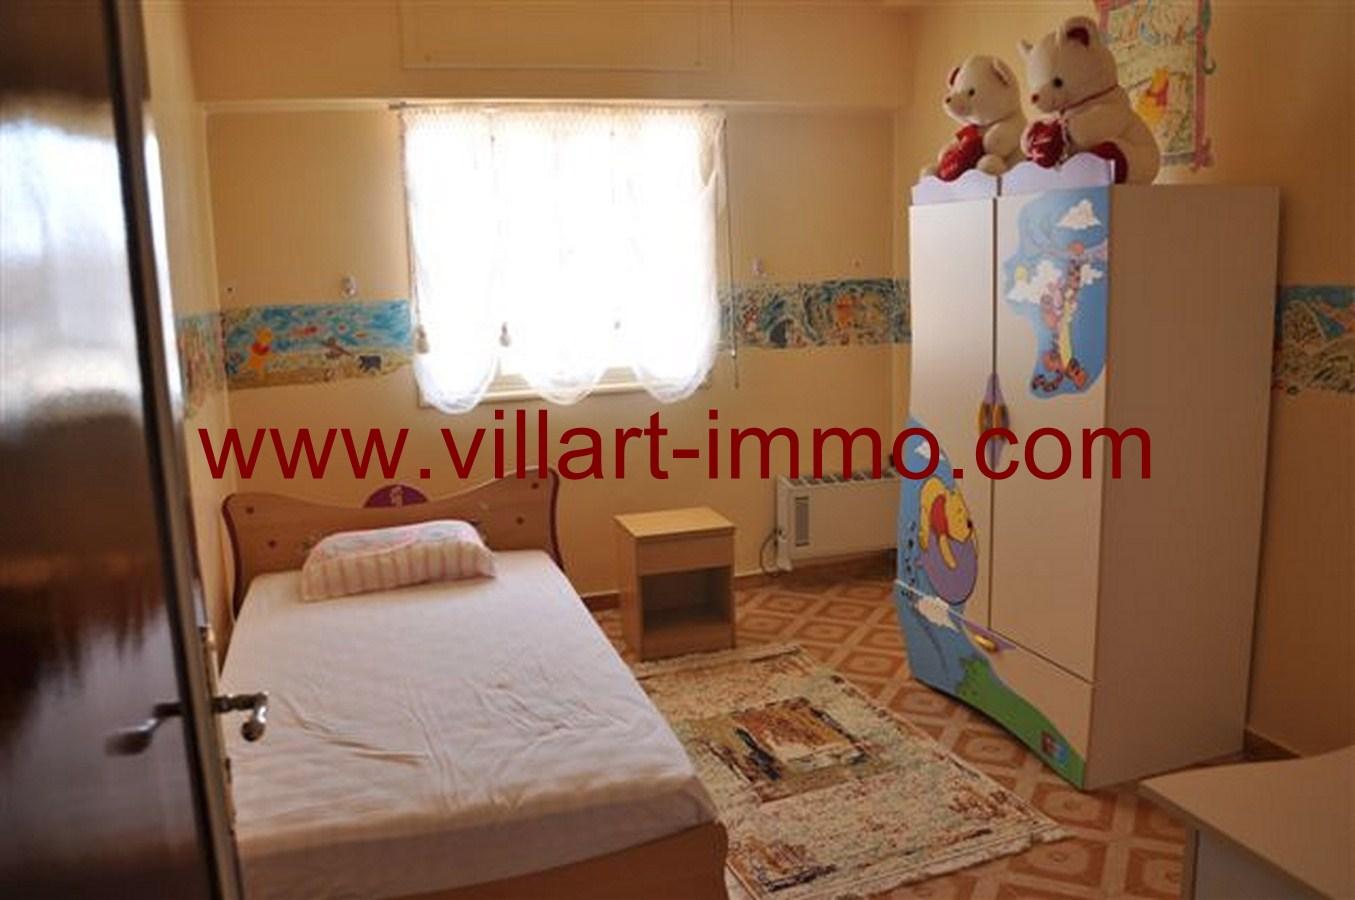 Location d un appartement spacieux et meubl en plein for Location d appartement meuble